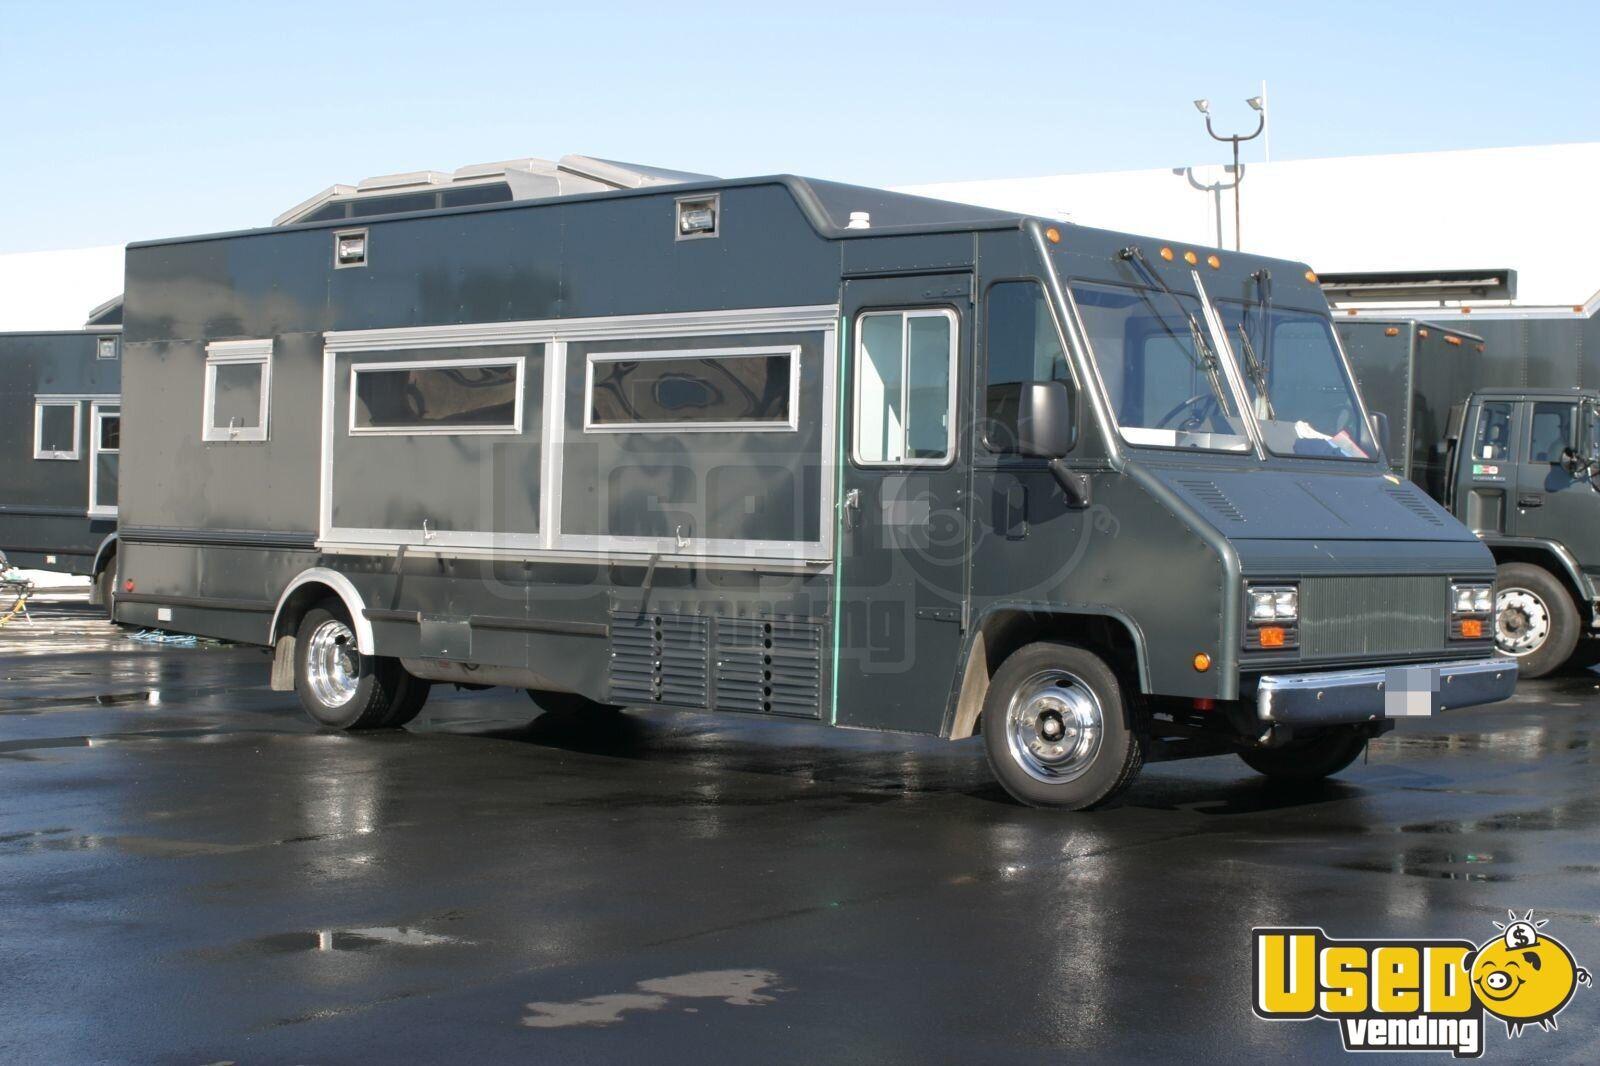 Freightliner Stepvan Mobile Kitchen Food Truck For Sale